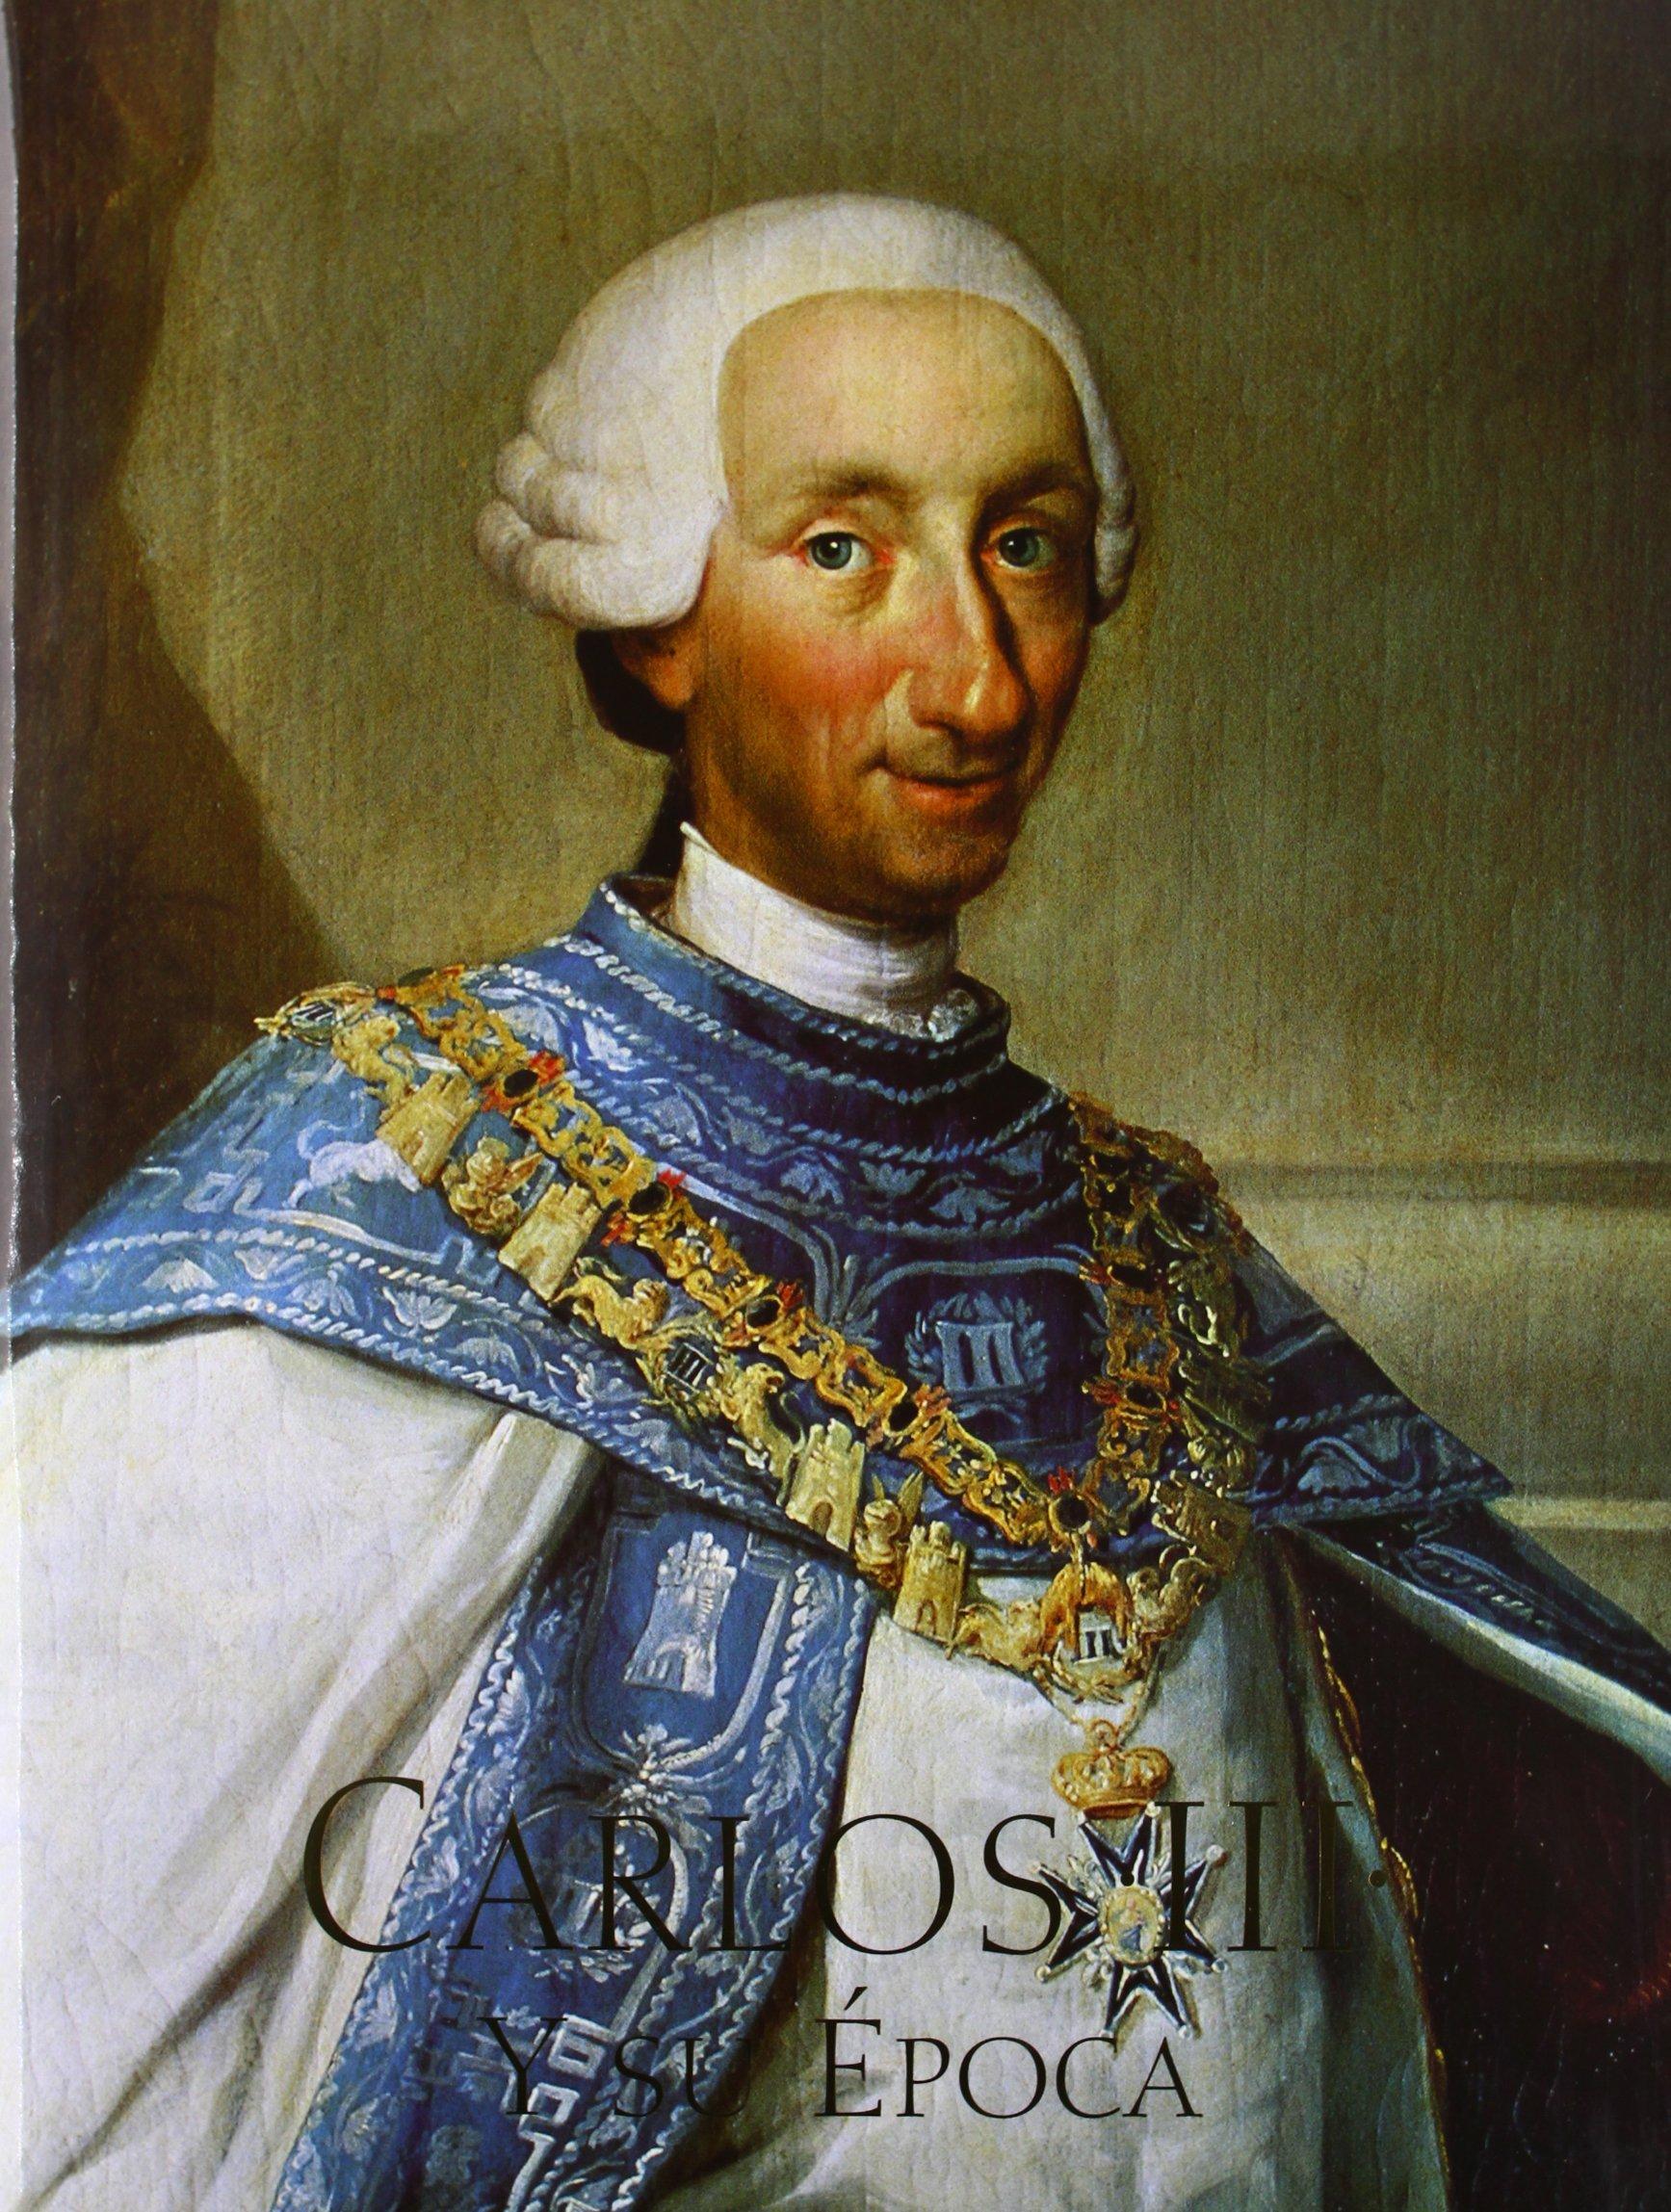 Carlos III Y Su Época - Volumen 1: La Monarquia Ilustrada ARTE: Amazon.es: Vv.Aa.: Libros